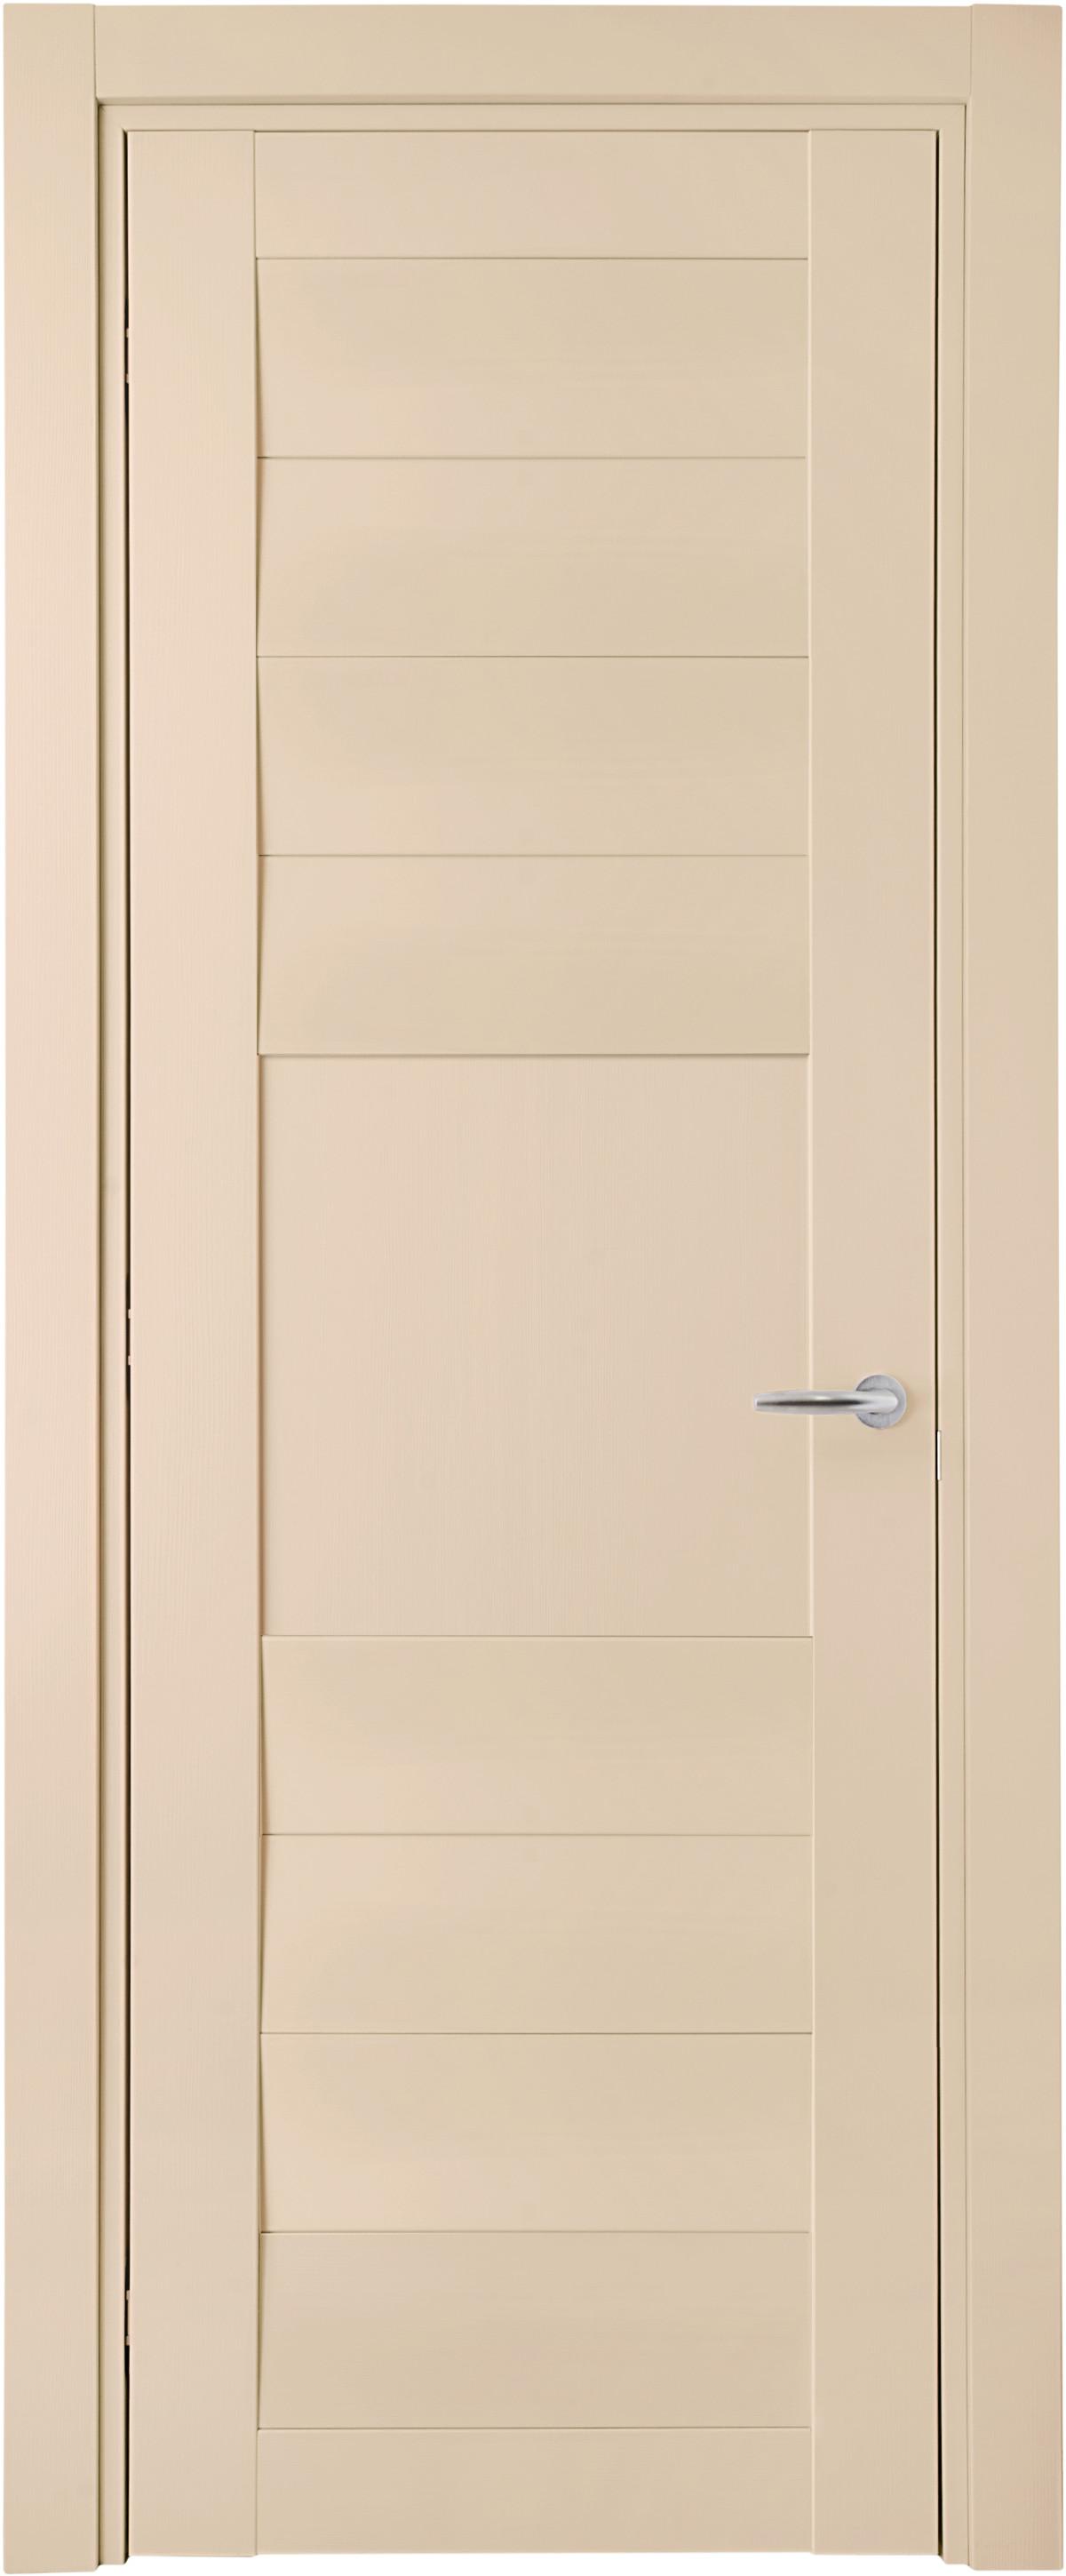 door33